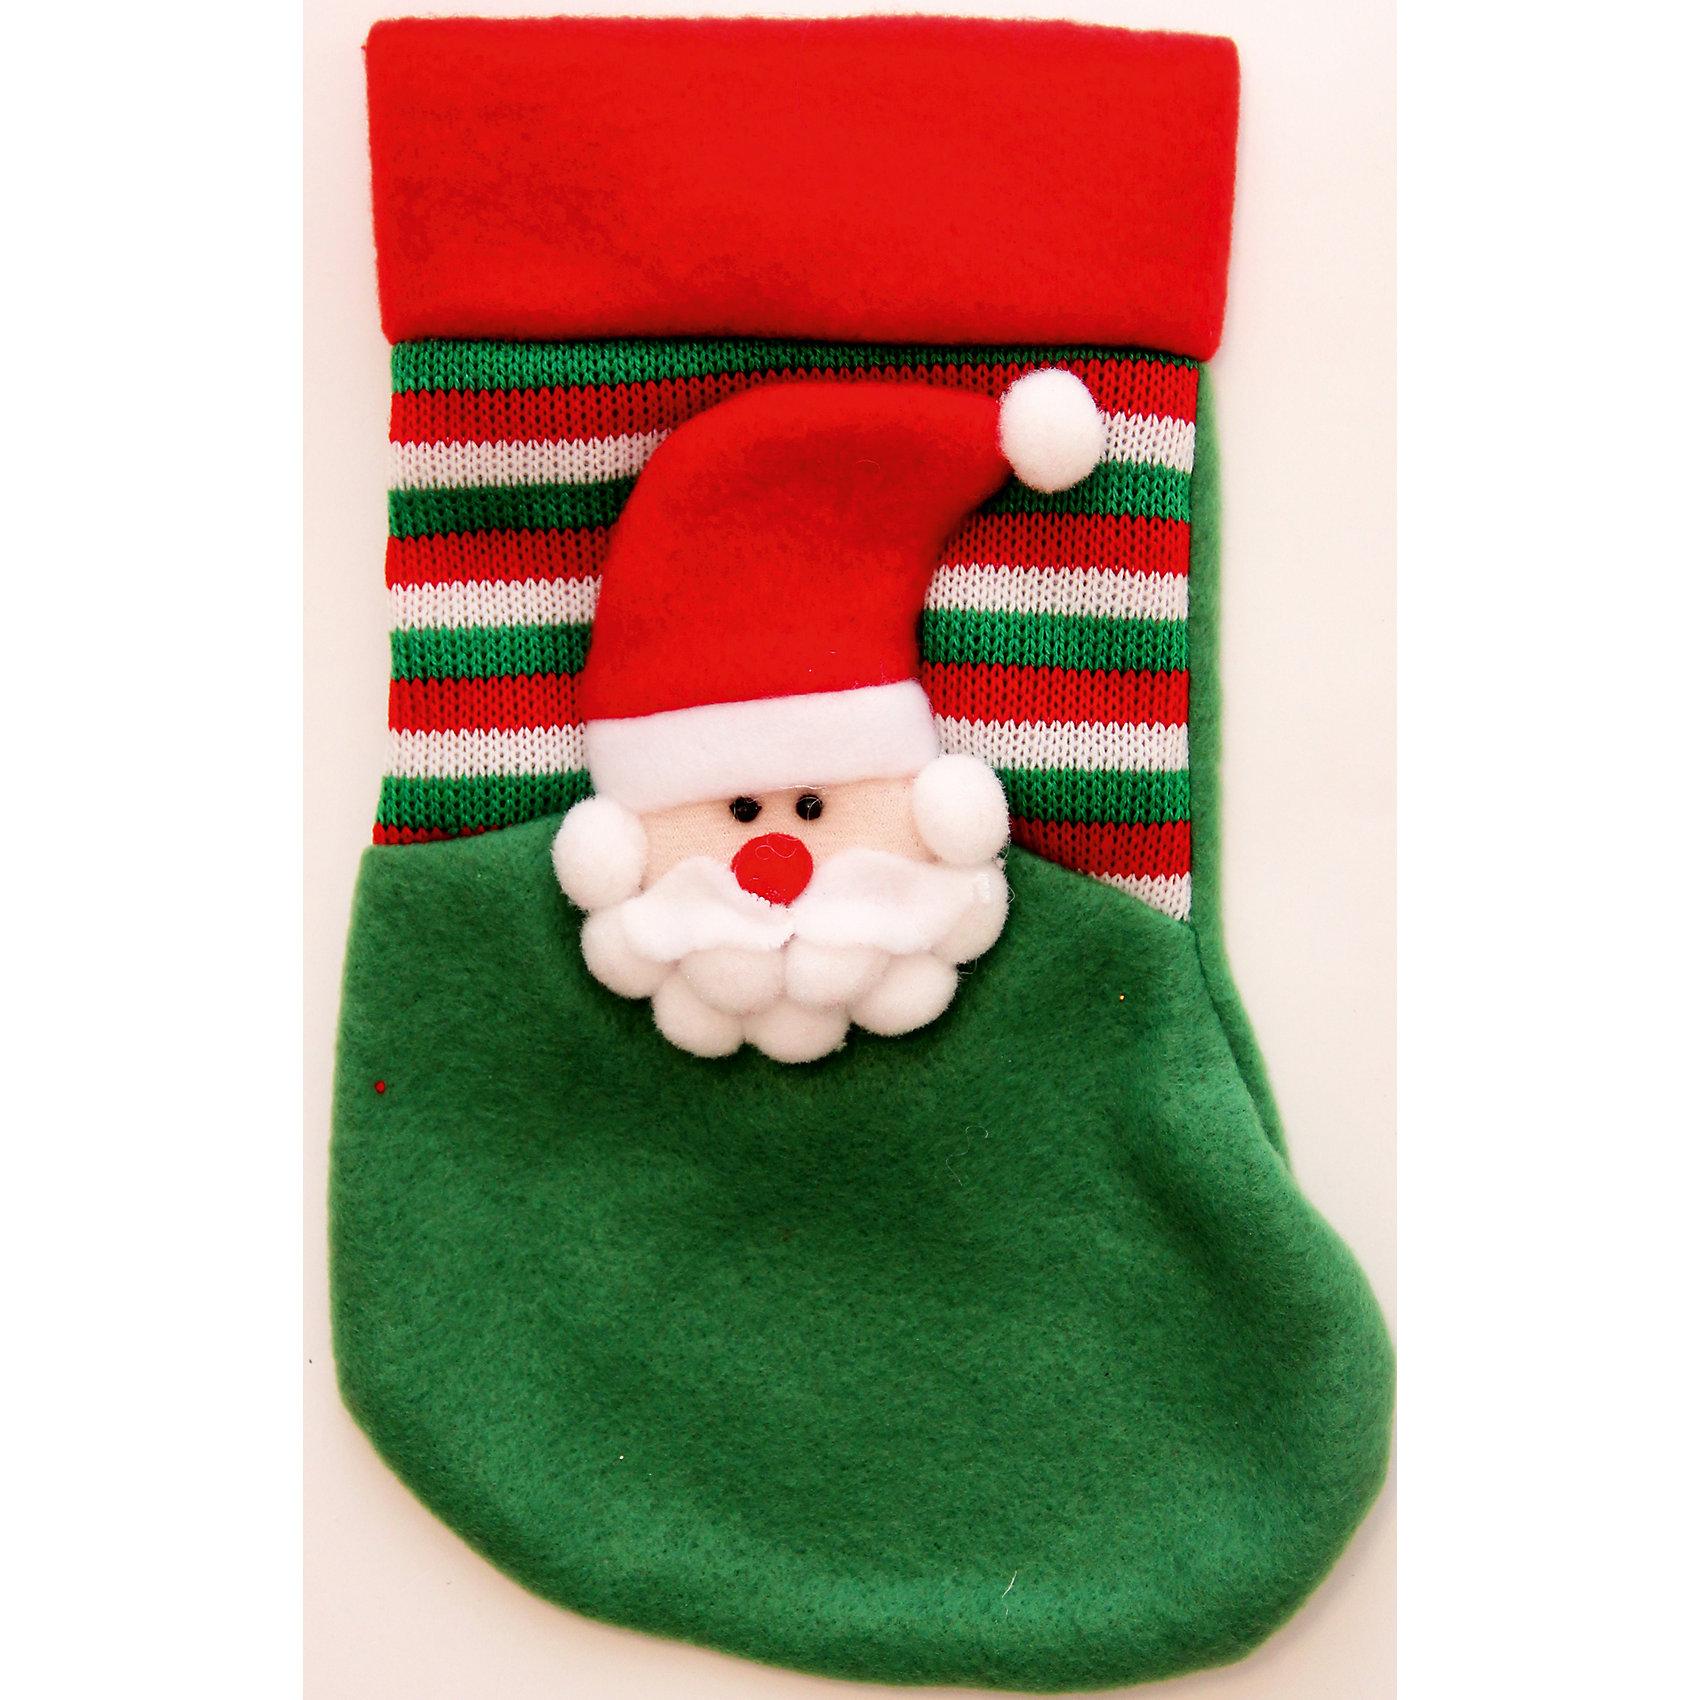 Подвесное украшение Зеленый Дед МорозВсё для праздника<br>Украшение новогоднее подвесное Зеленый Дед Мороз арт.42511 из полиэстра / 25х14<br><br>Ширина мм: 250<br>Глубина мм: 140<br>Высота мм: 10<br>Вес г: 33<br>Возраст от месяцев: 60<br>Возраст до месяцев: 600<br>Пол: Унисекс<br>Возраст: Детский<br>SKU: 5144630